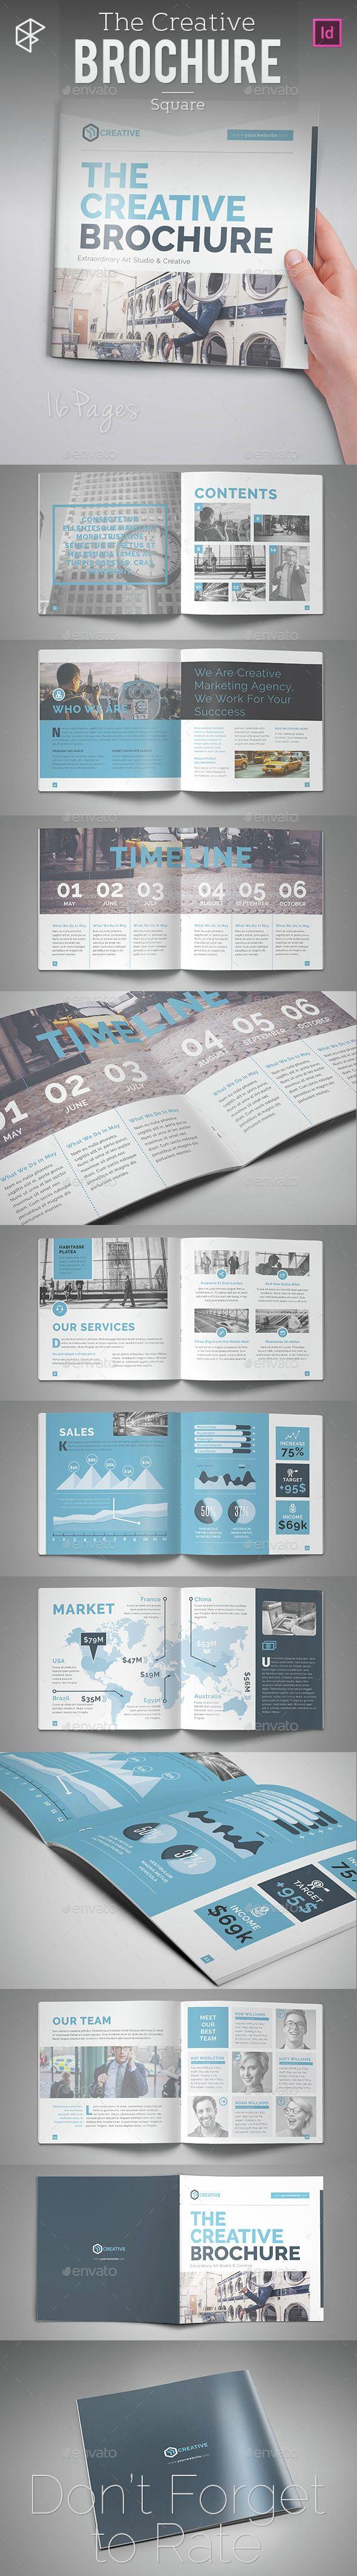 The Creative Brochure - Square | Diseño editorial, Editorial y Folletos